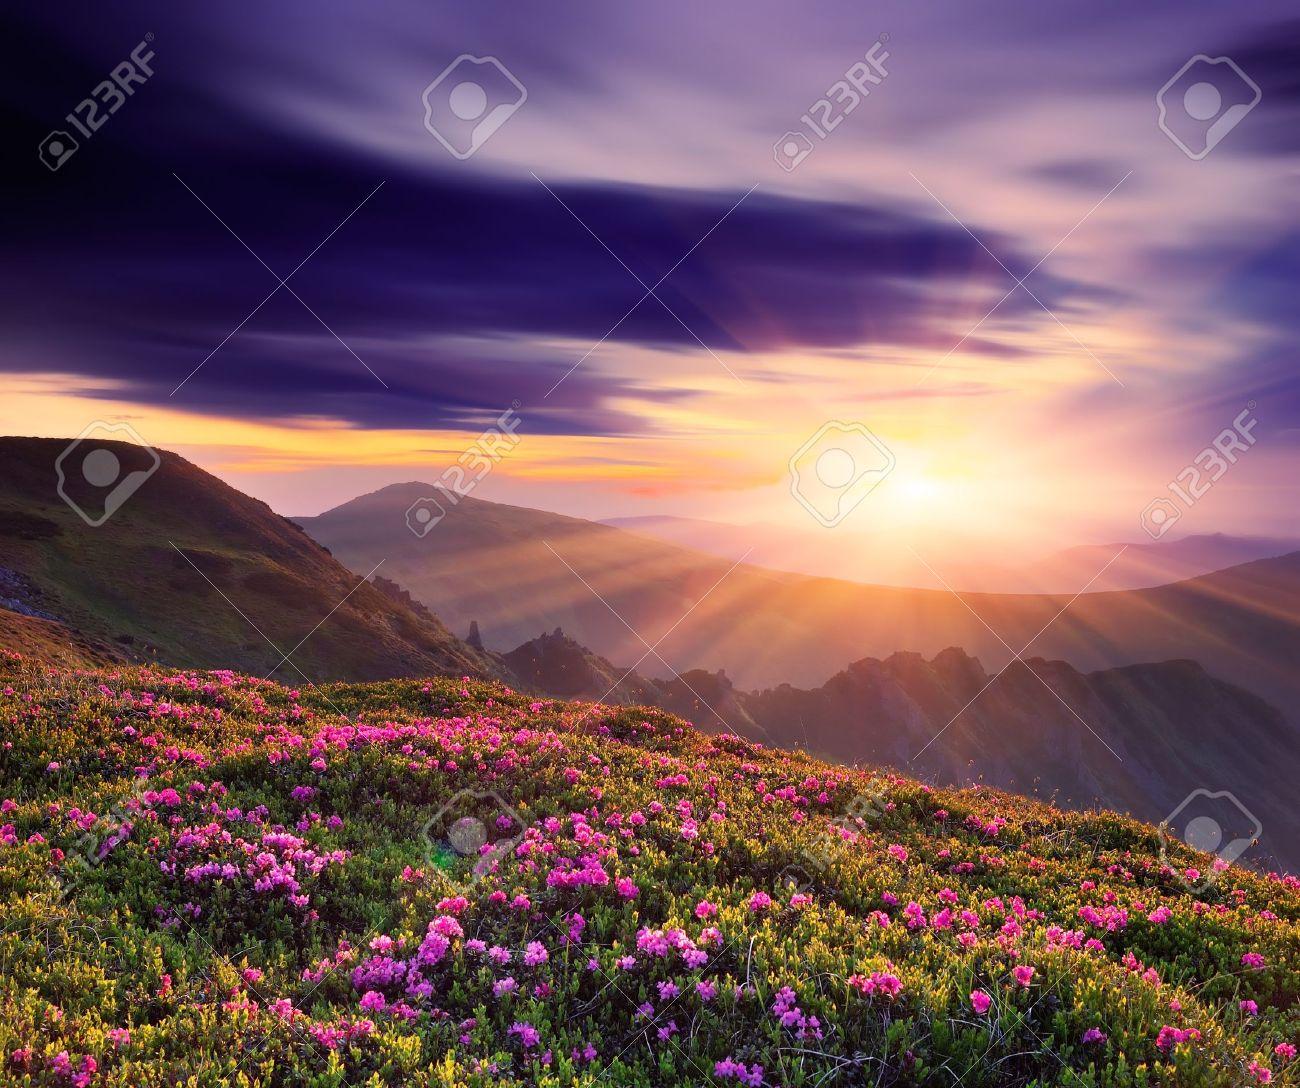 Paysage de printemps avec un beau coucher de soleil dans les montagnes et de fleurs de rhododendron Banque d'images - 18670848